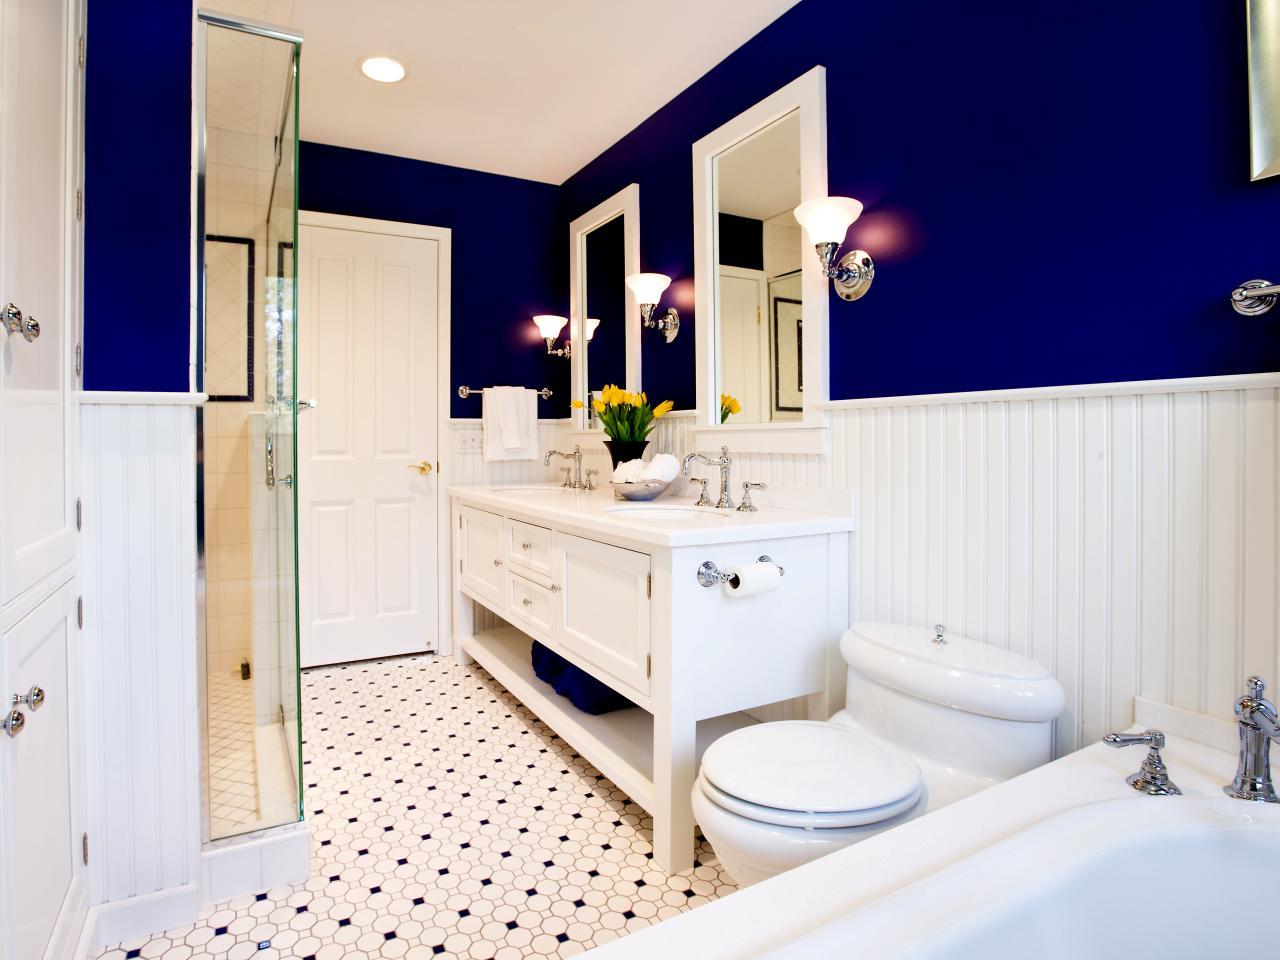 Bagno-colore-pareti-blu-navy-11